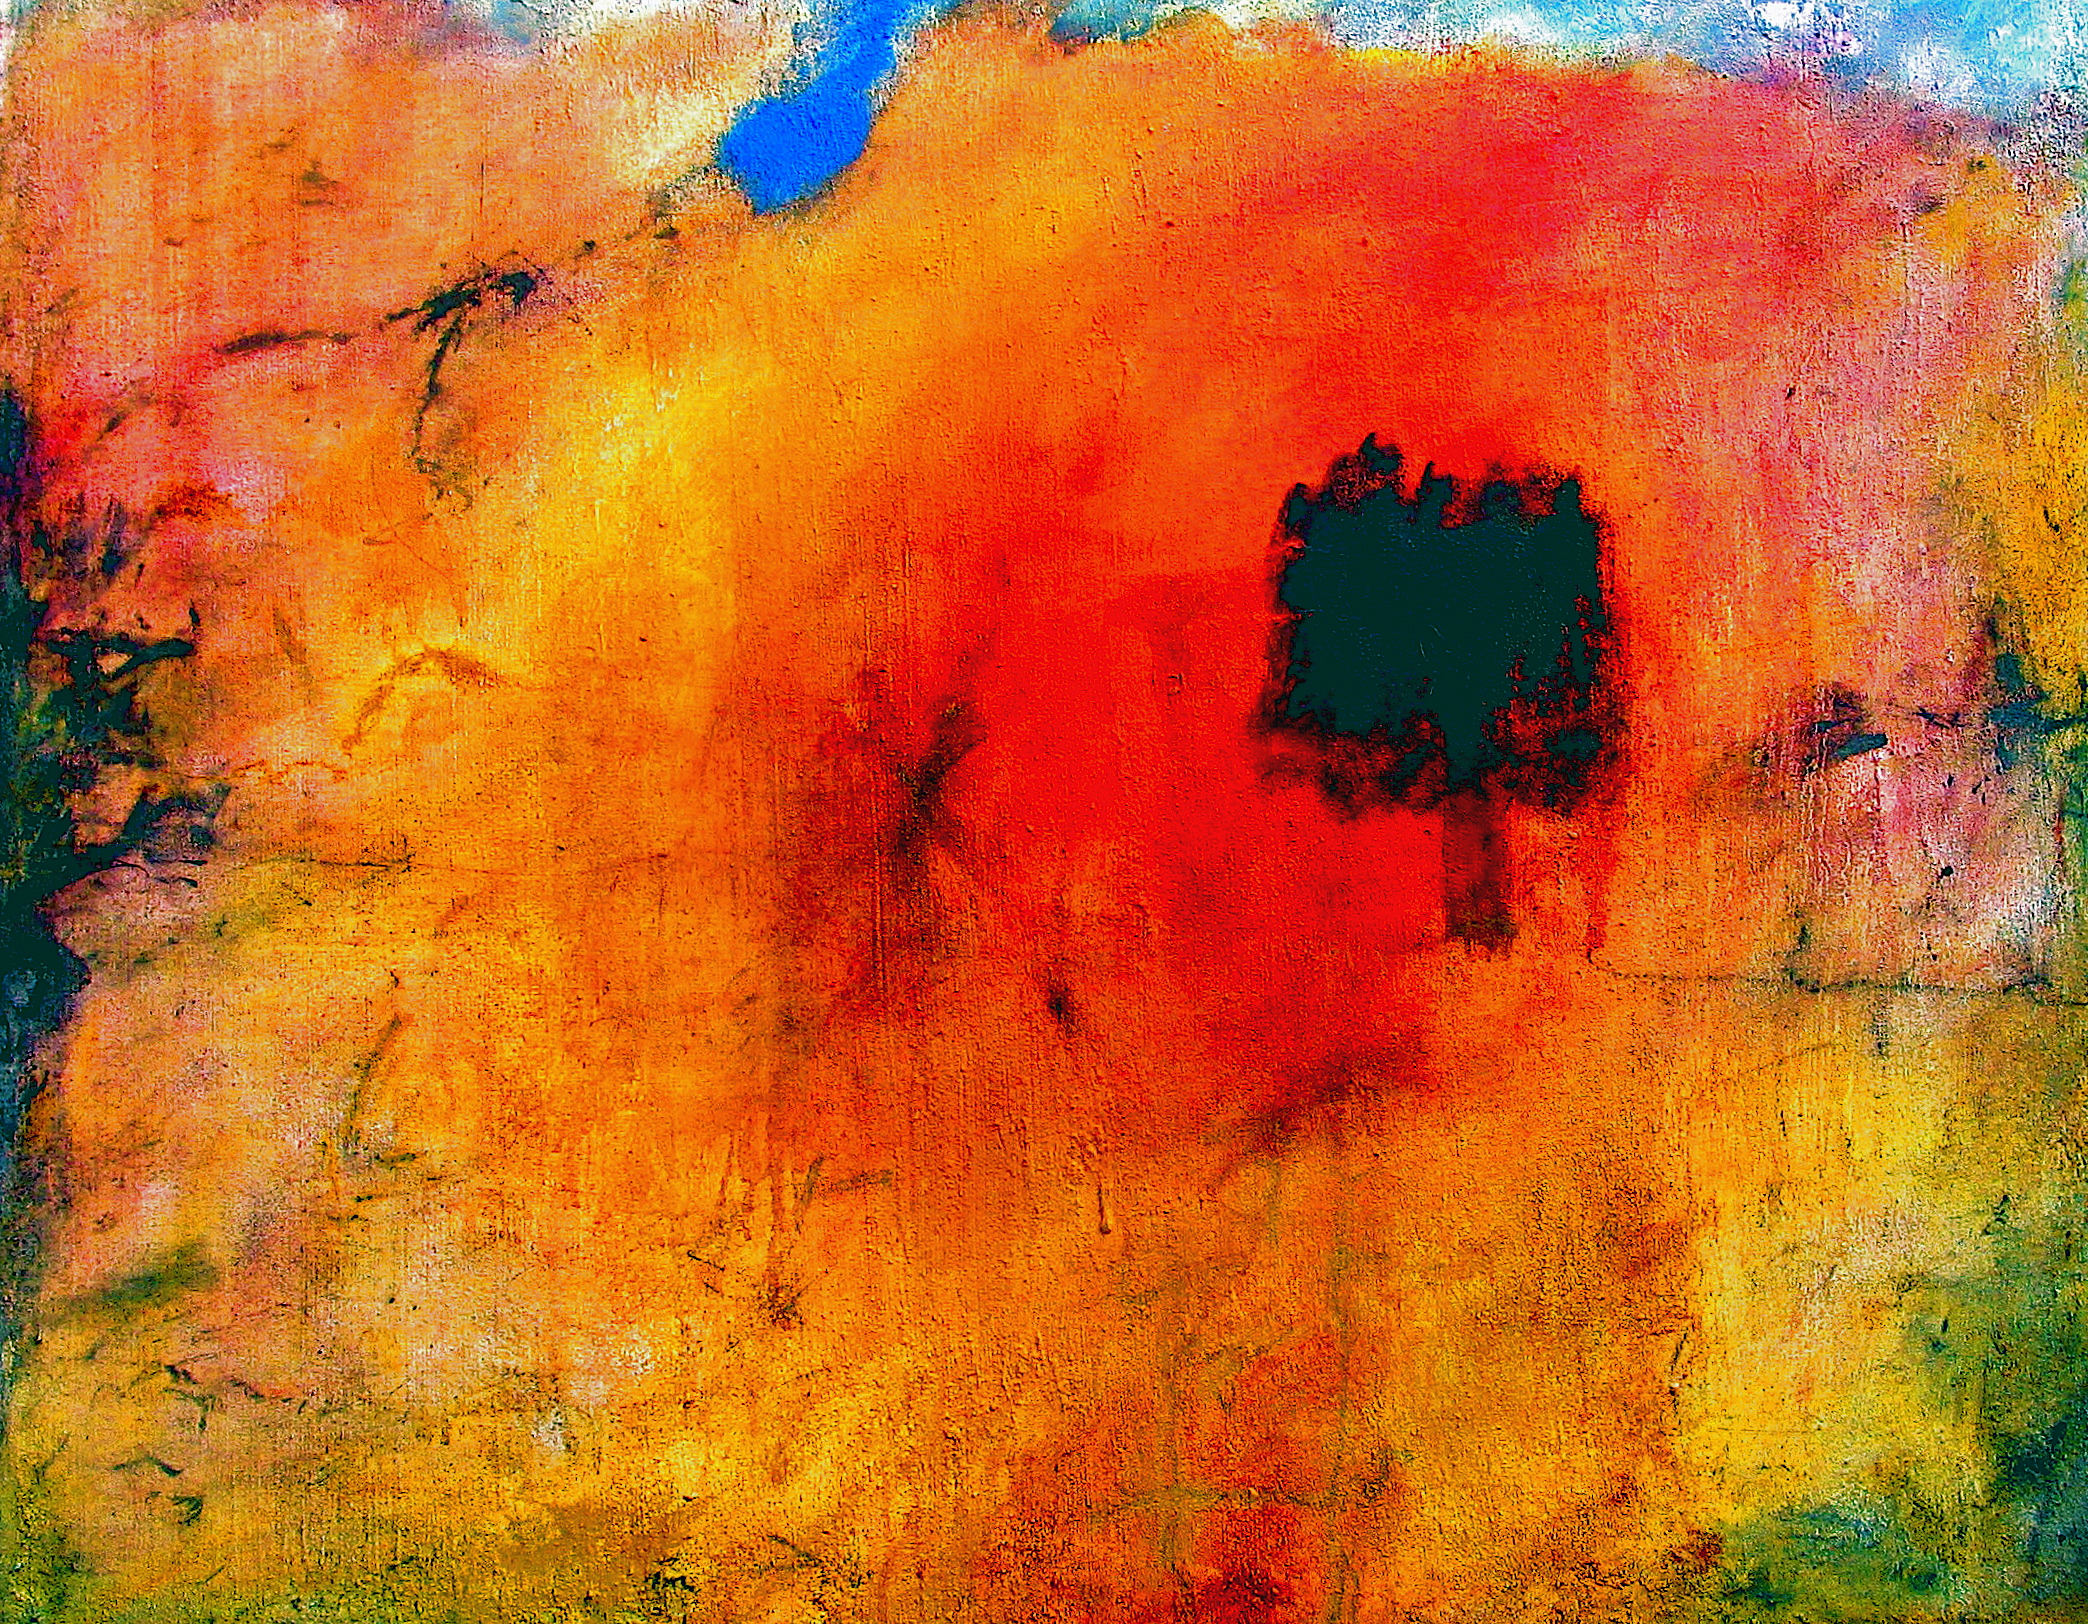 2003 acryl op doek 80 x 100 cm Verkocht aan Frans Pleumeekers (galerie FAH; 2008)